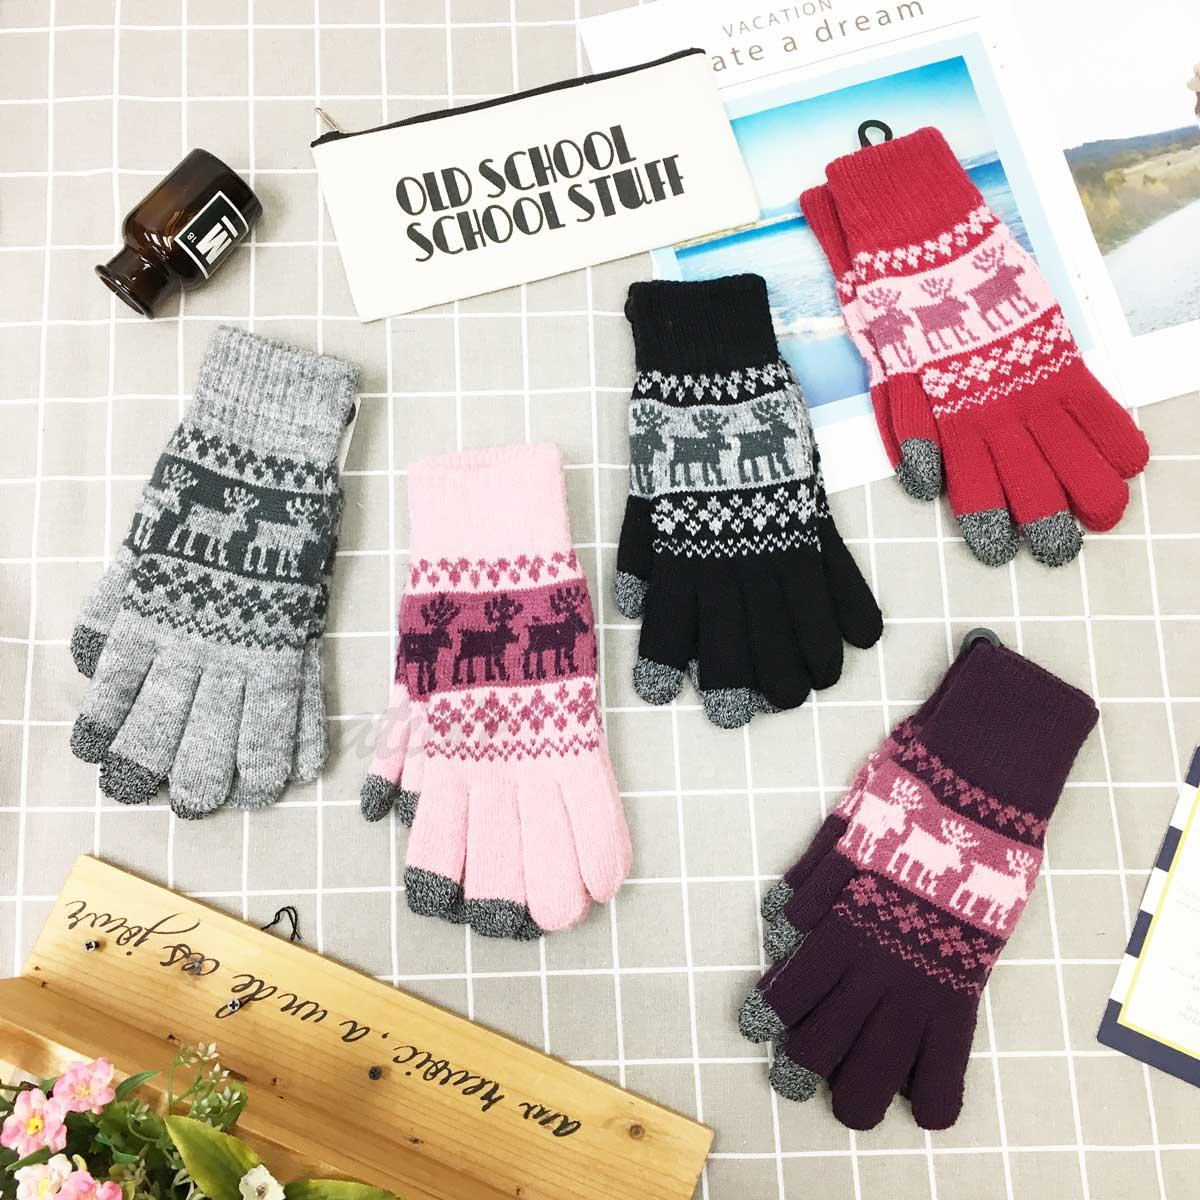 觸控手套 女款 麋鹿 線條 拼接 冬季 刷毛 混紡編織 保暖 粉 黑 紅 麻灰 深紫 手套